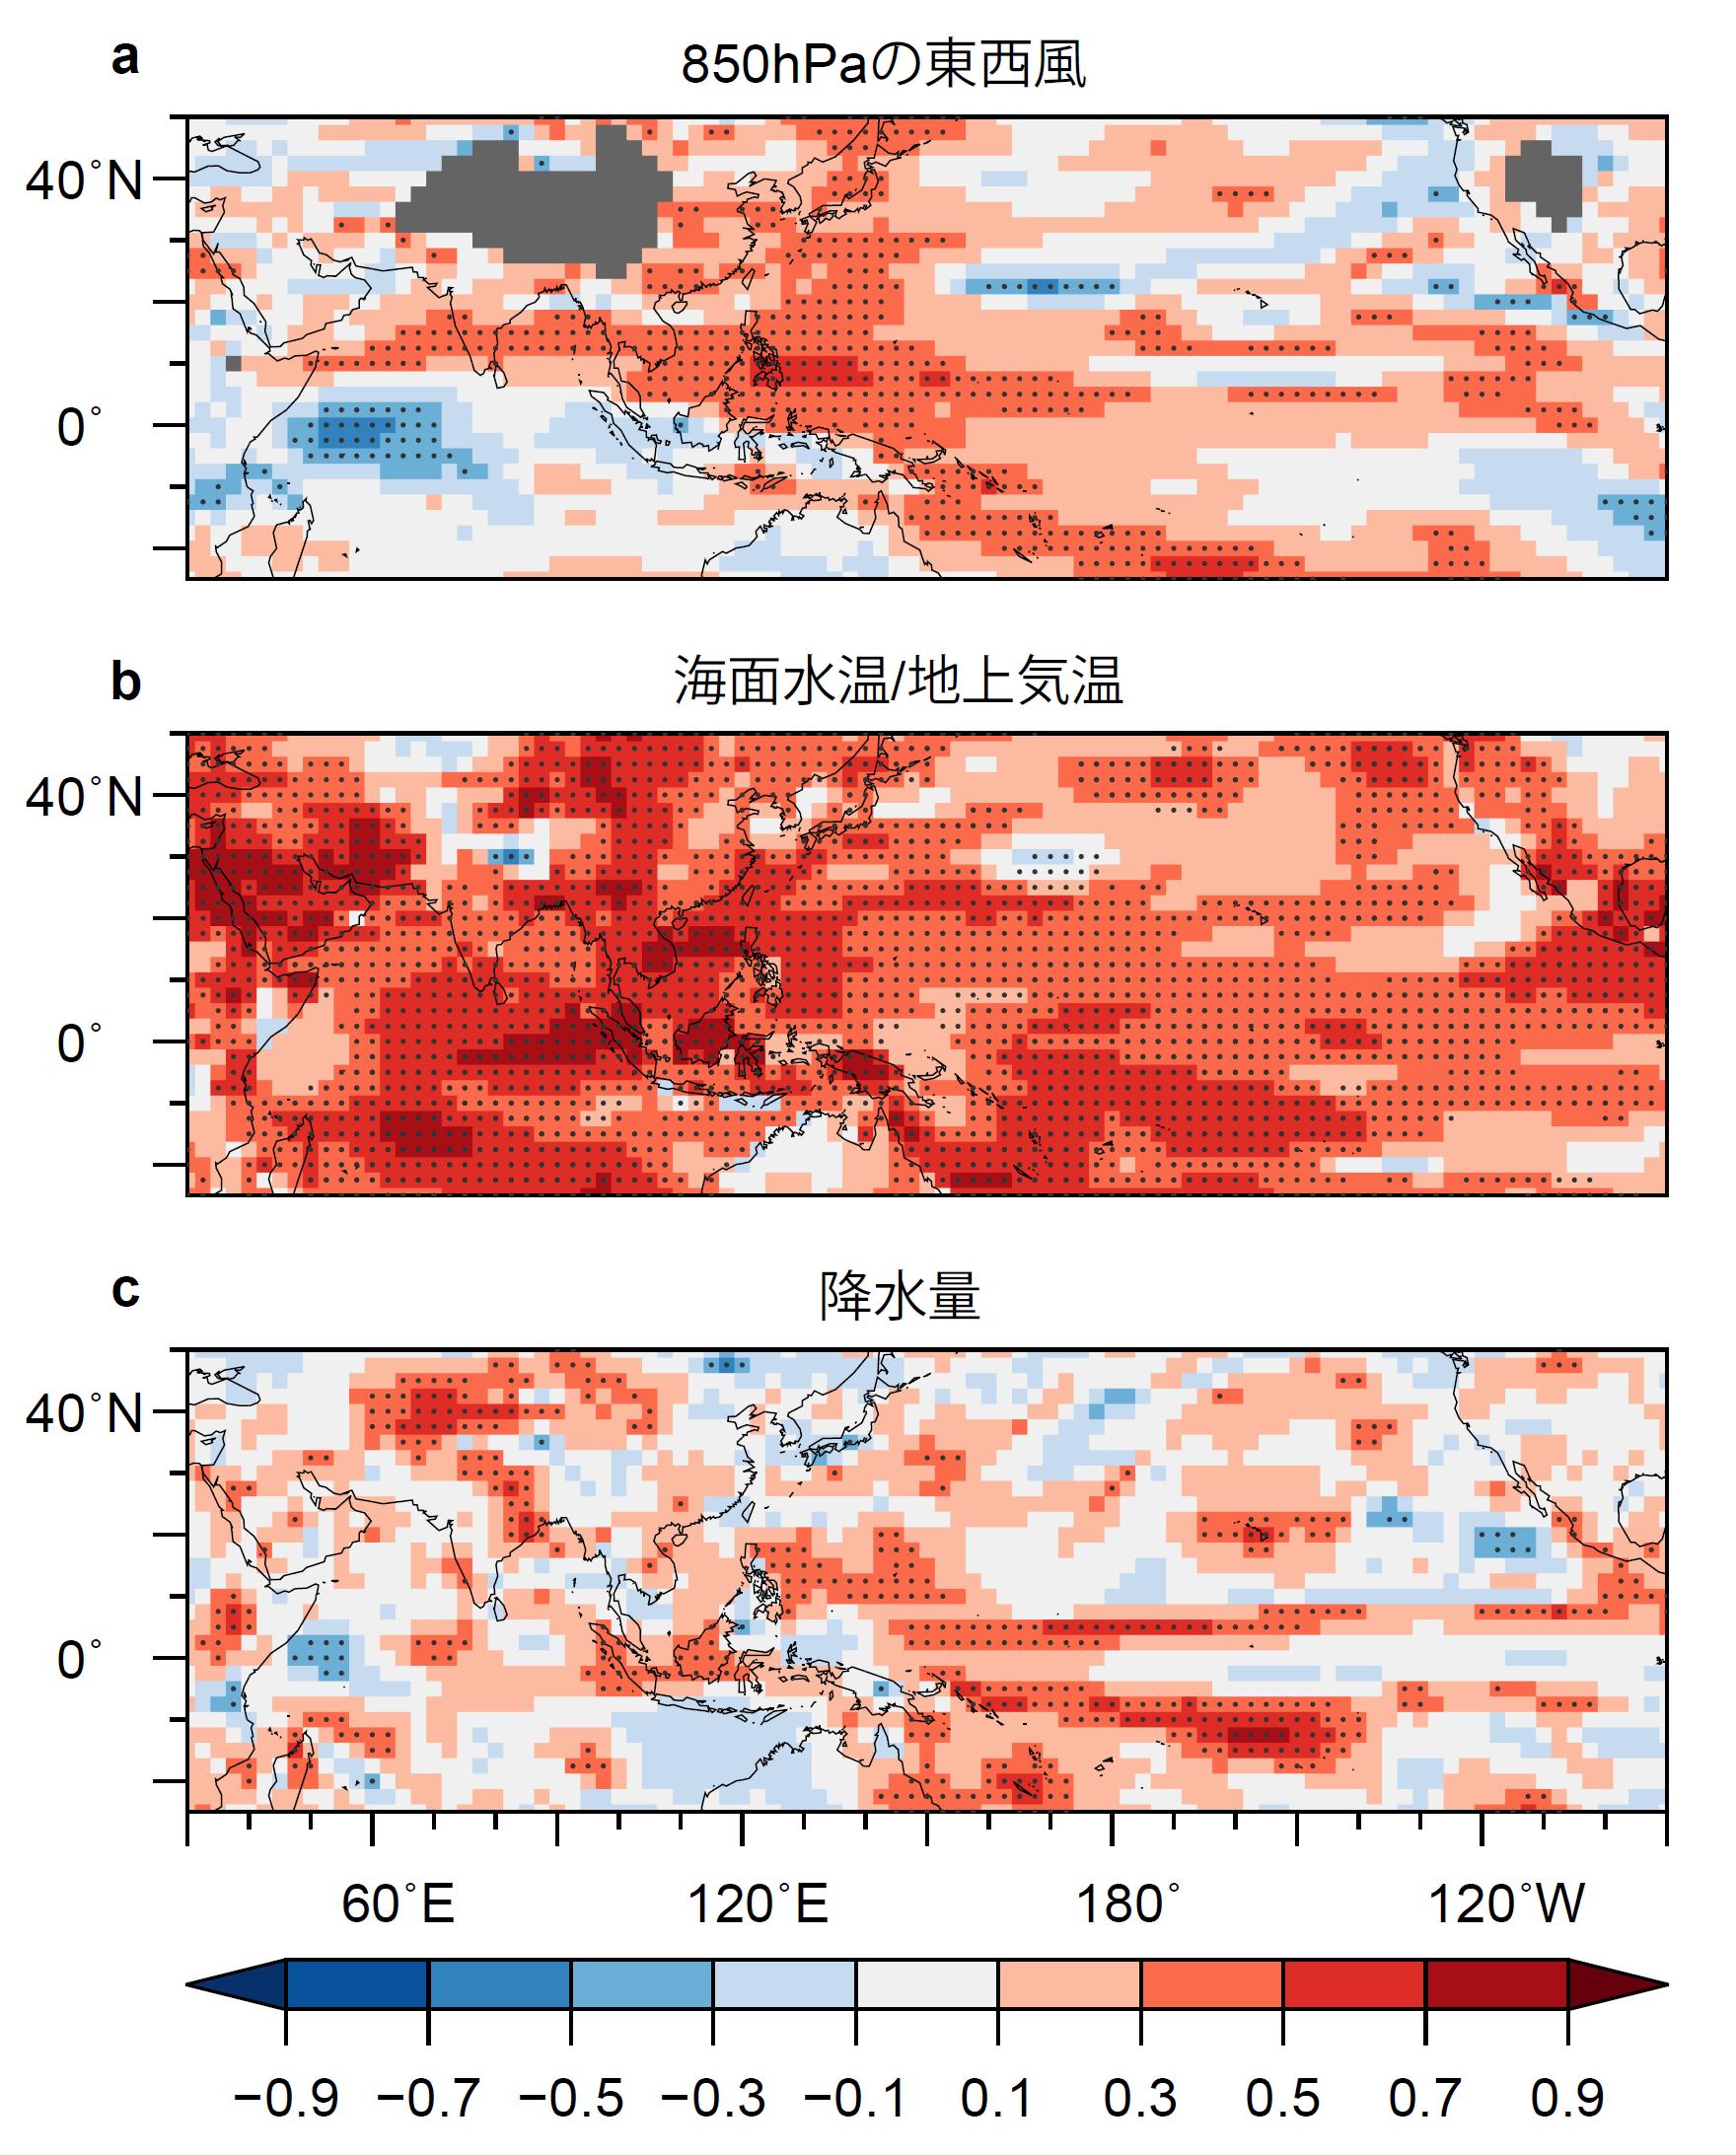 図2 各年4月末を初期値とした翌年夏(6月~8月平均)の代表的な指数の予測値と観測値の相関係数